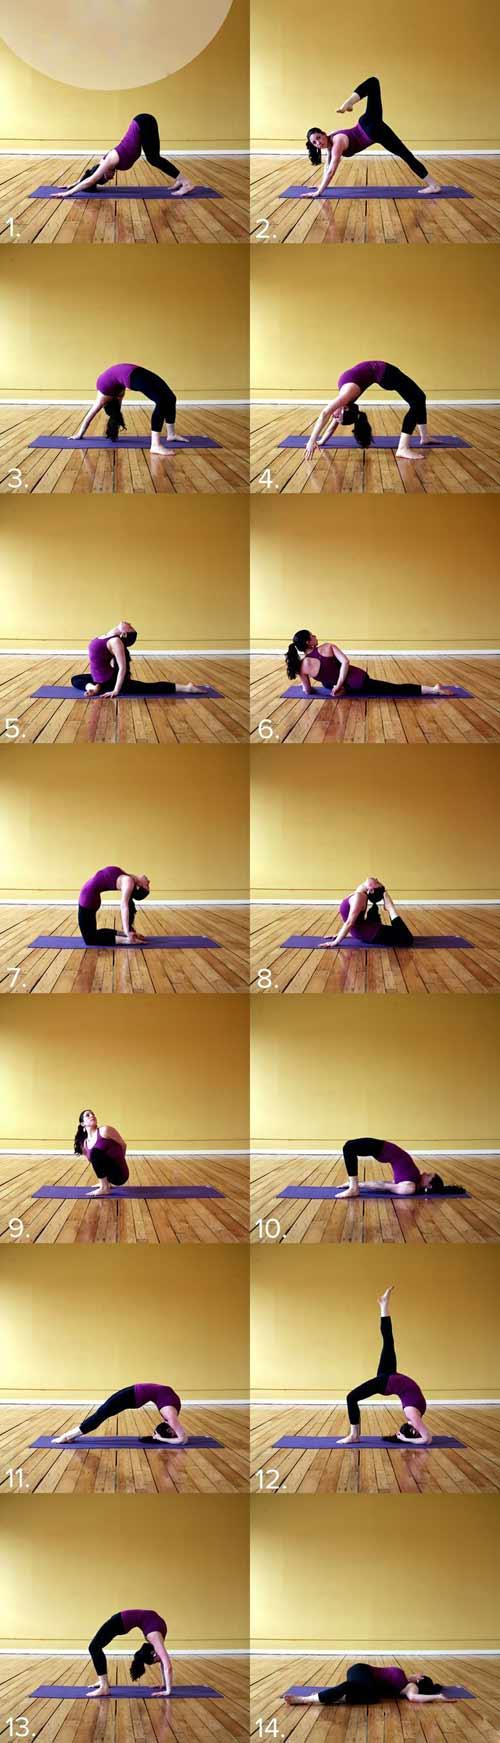 8 bai tap yoga tai nha cho dang xinh chang me tit - 3